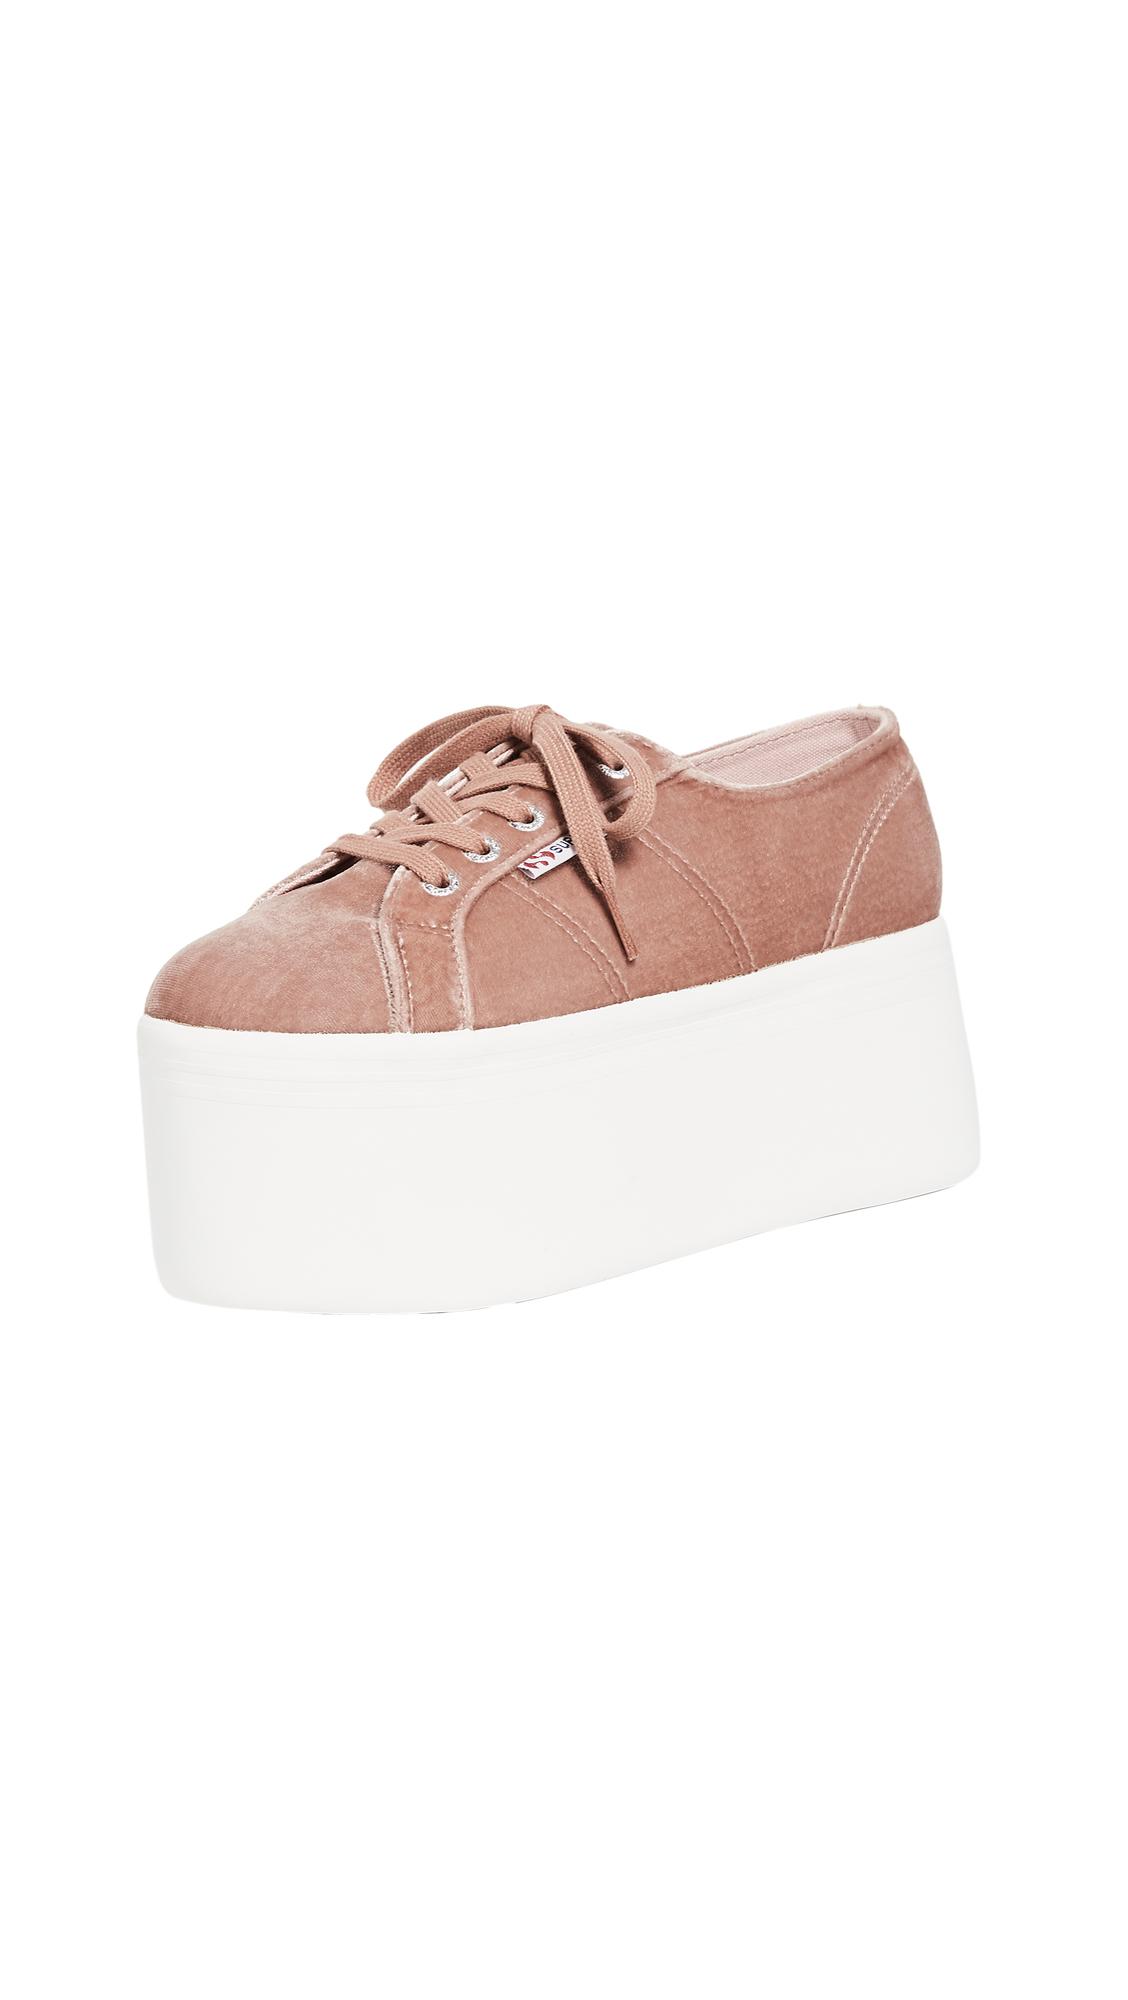 Superga 2802 Velvet Super Platform Sneakers - Blush